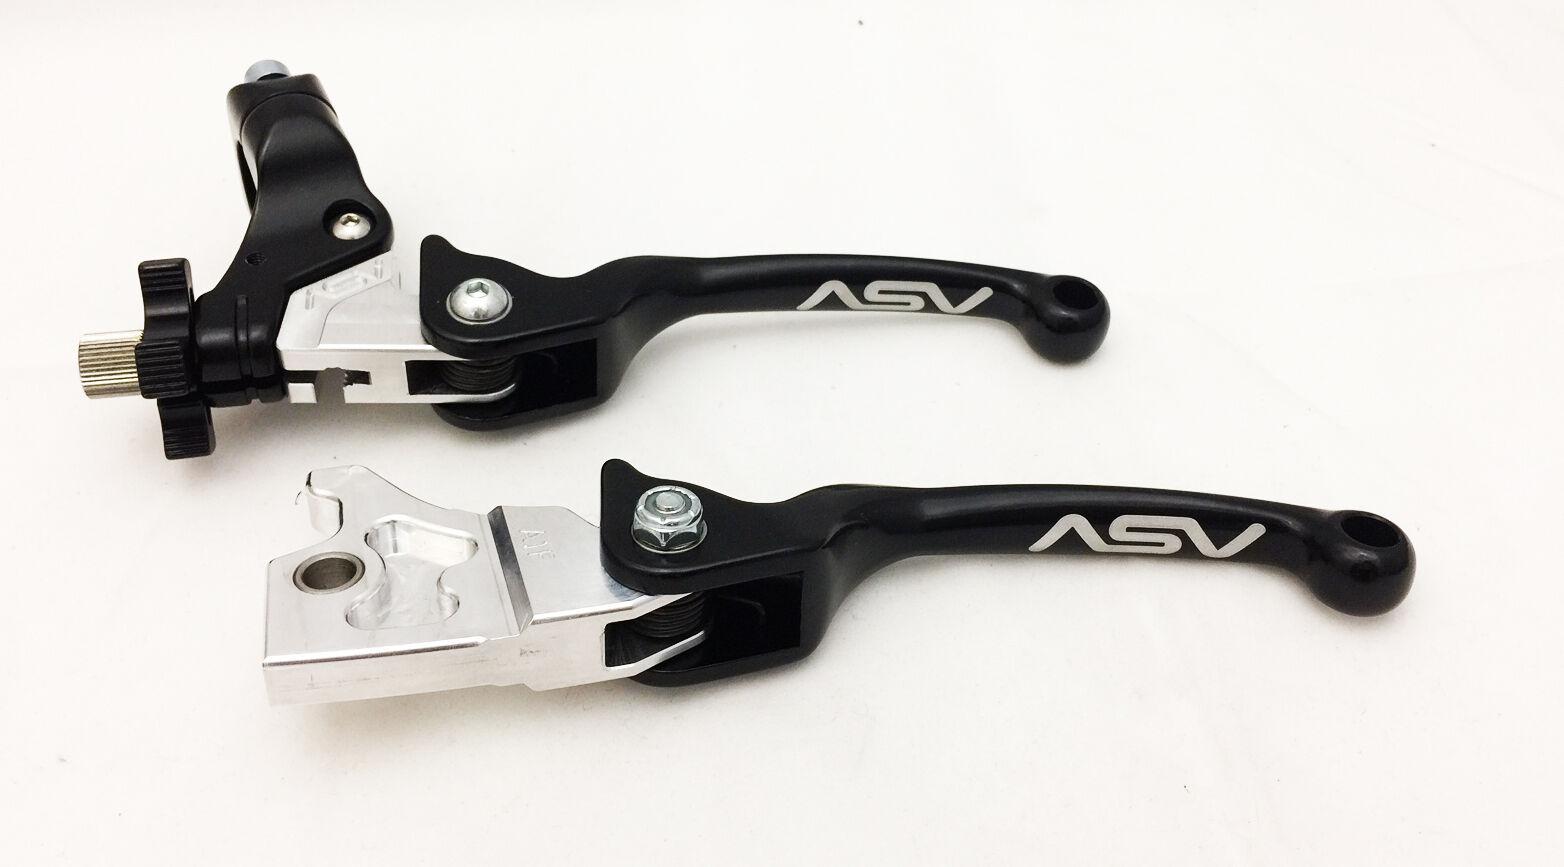 Asv Asv Asv Unzerbrechlich F3 Schwarz Paar Pack Faltbarer Bremse+Kupplungshebel Set 00a418